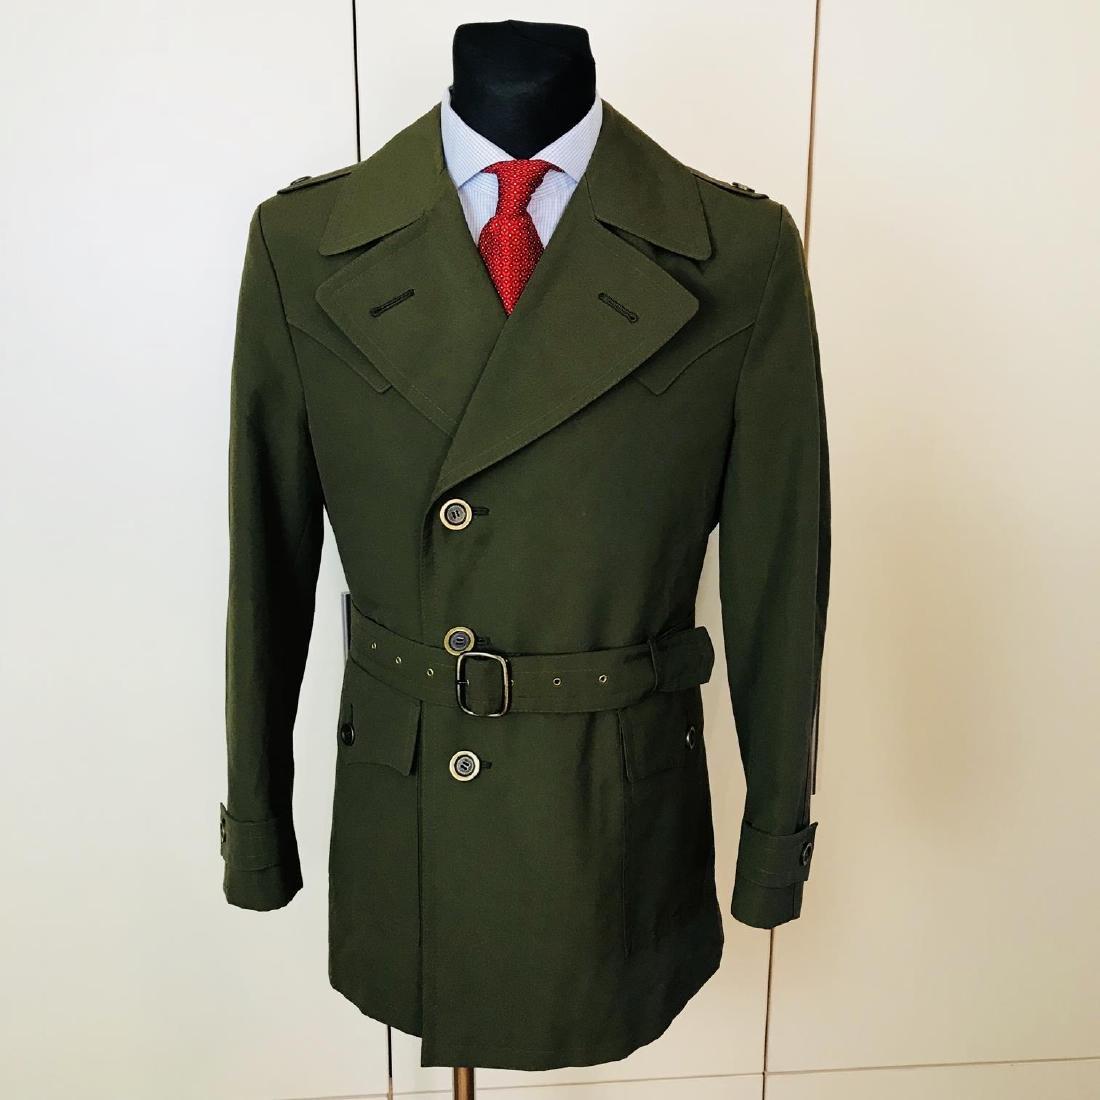 Vintage Men's Green Trench Coat Size US 38 / EUR 48